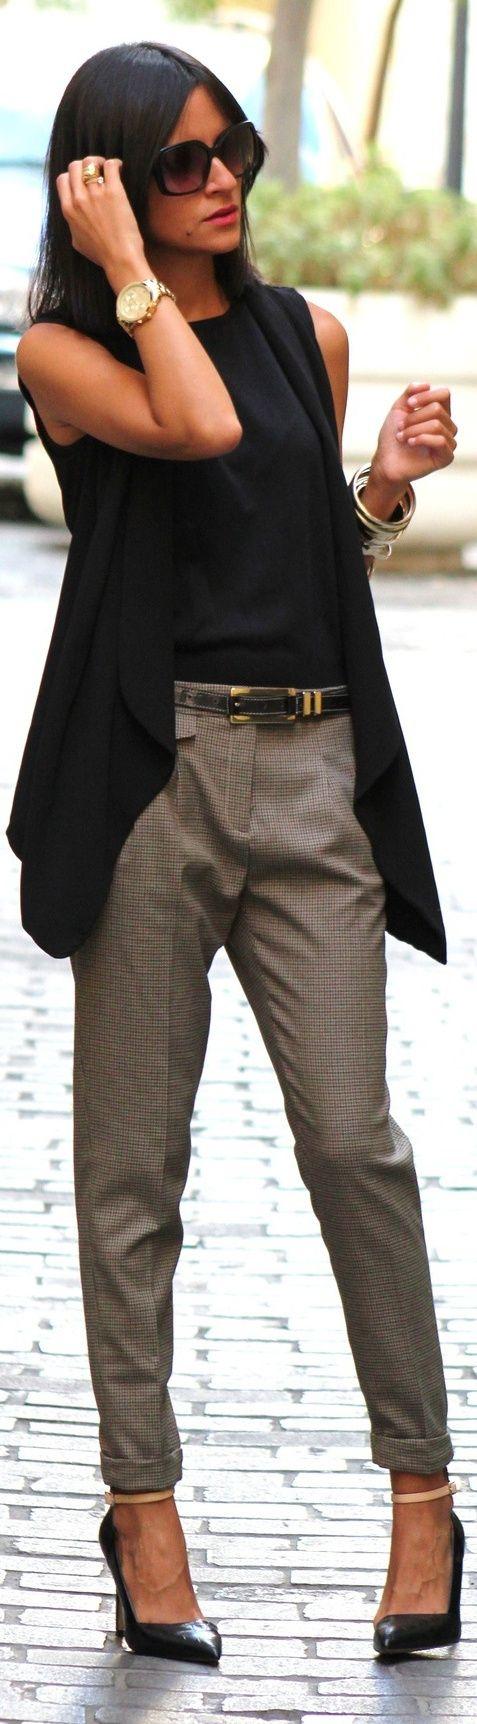 vest-streetstyle-trend-12